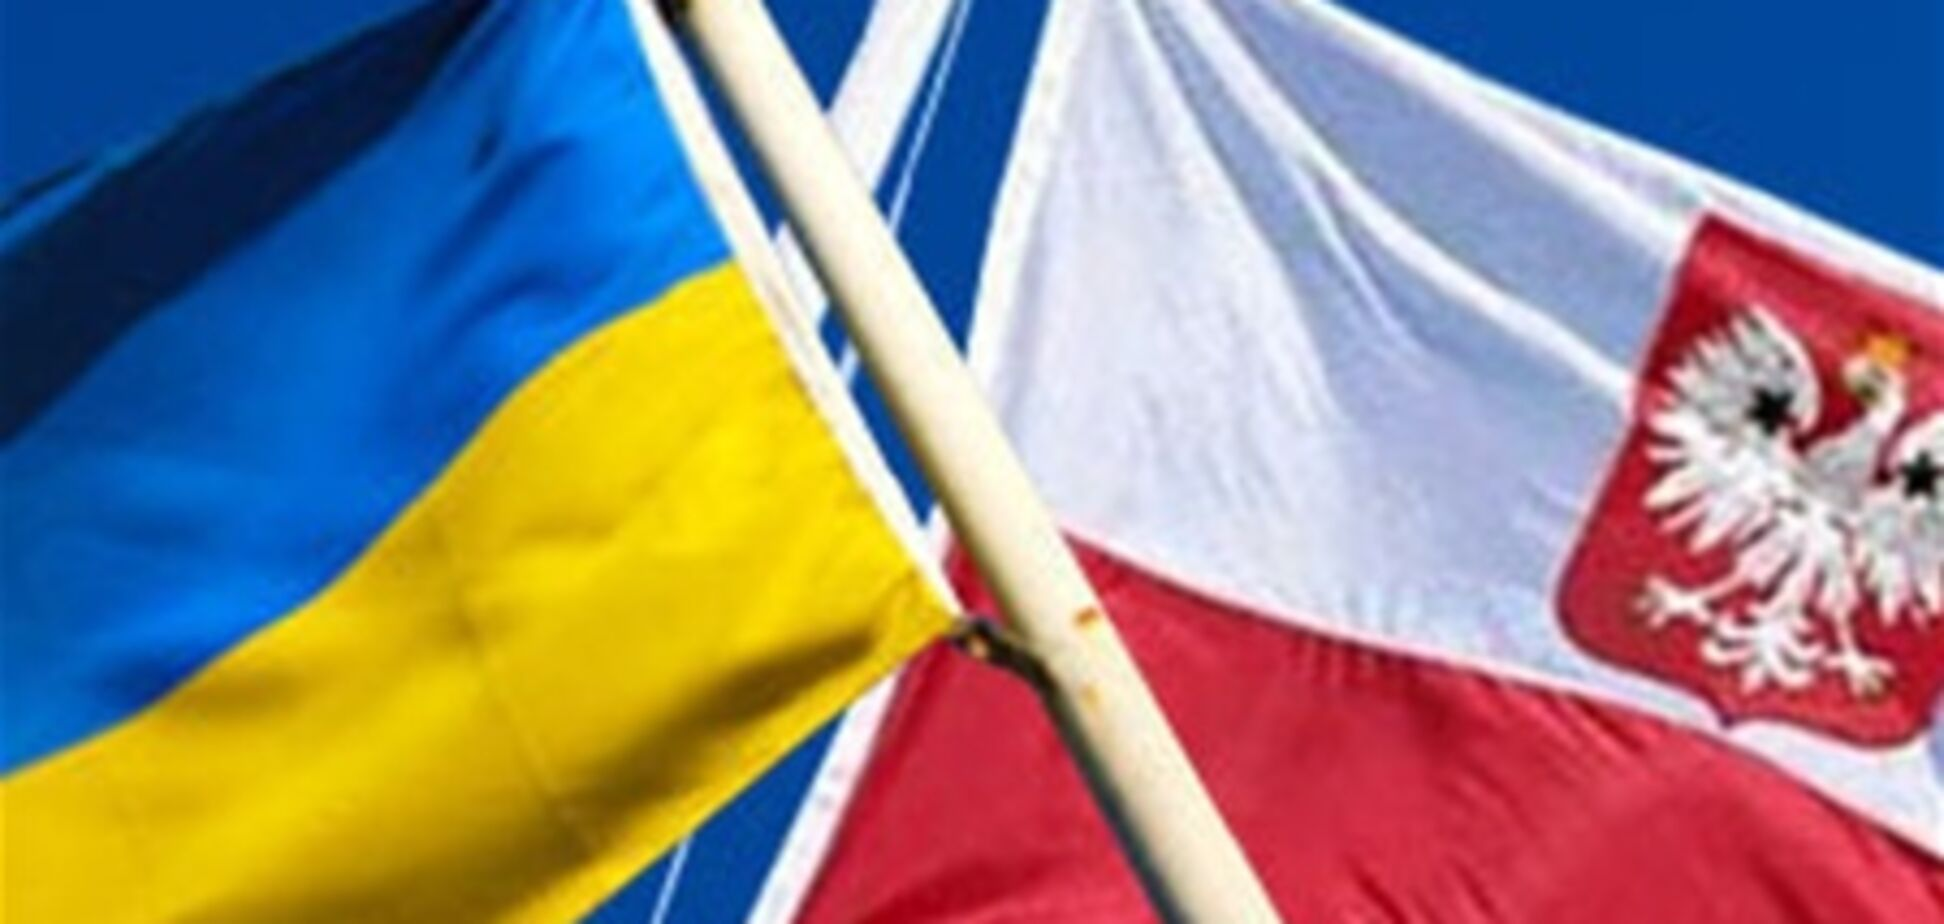 Майбутнє України залежить від парламентських виборів - євродепутат